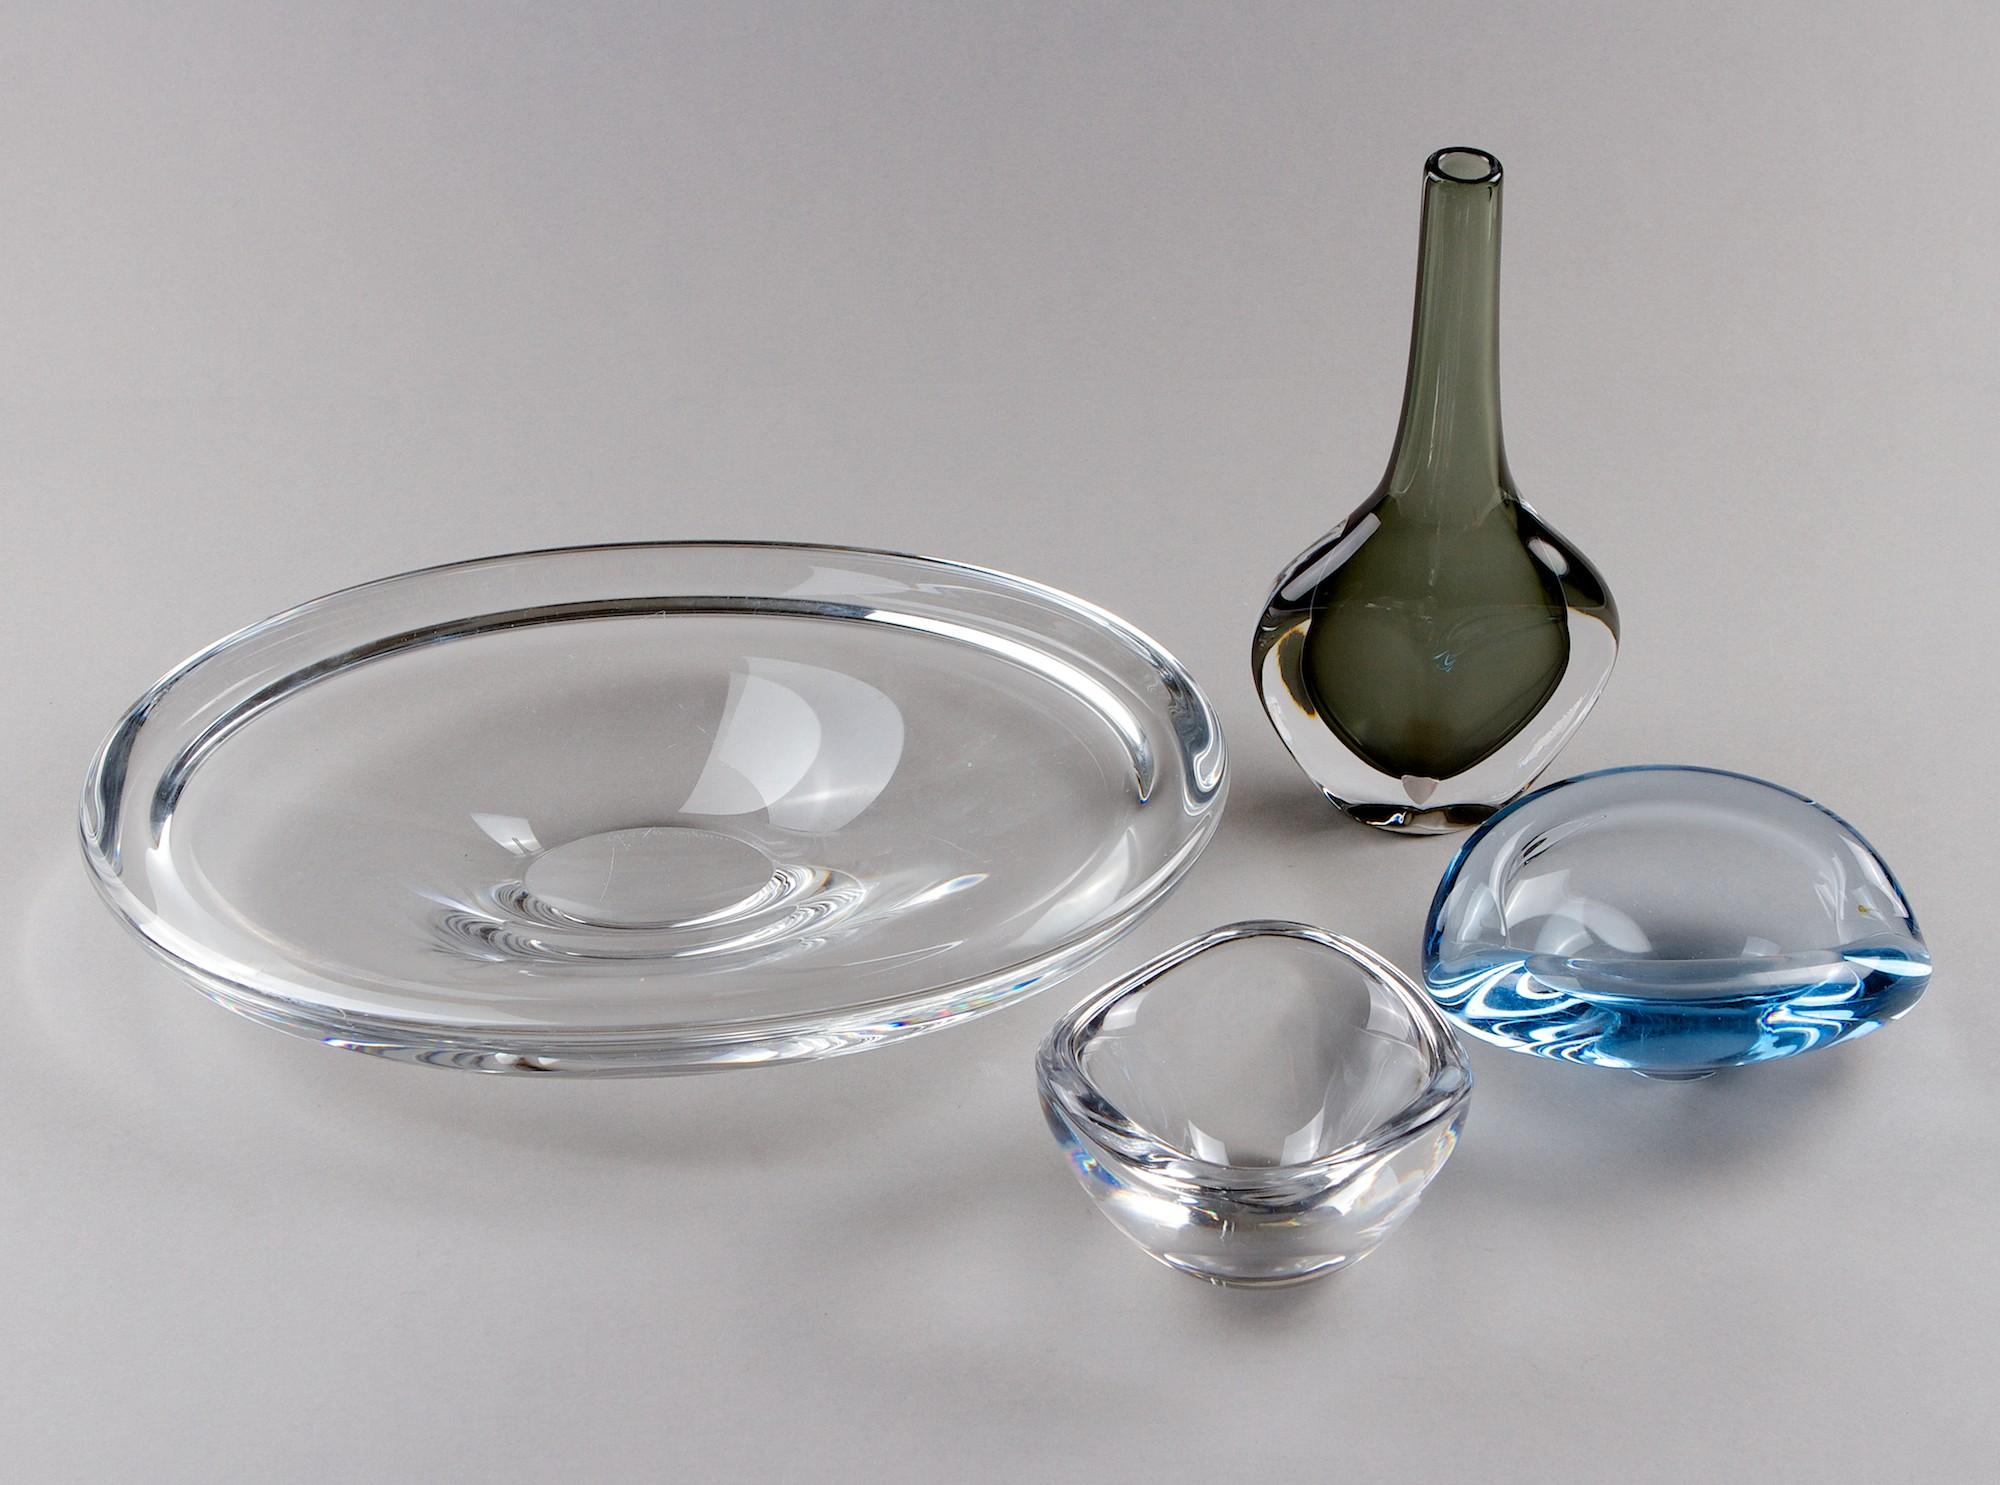 Art glass, 4 pcs